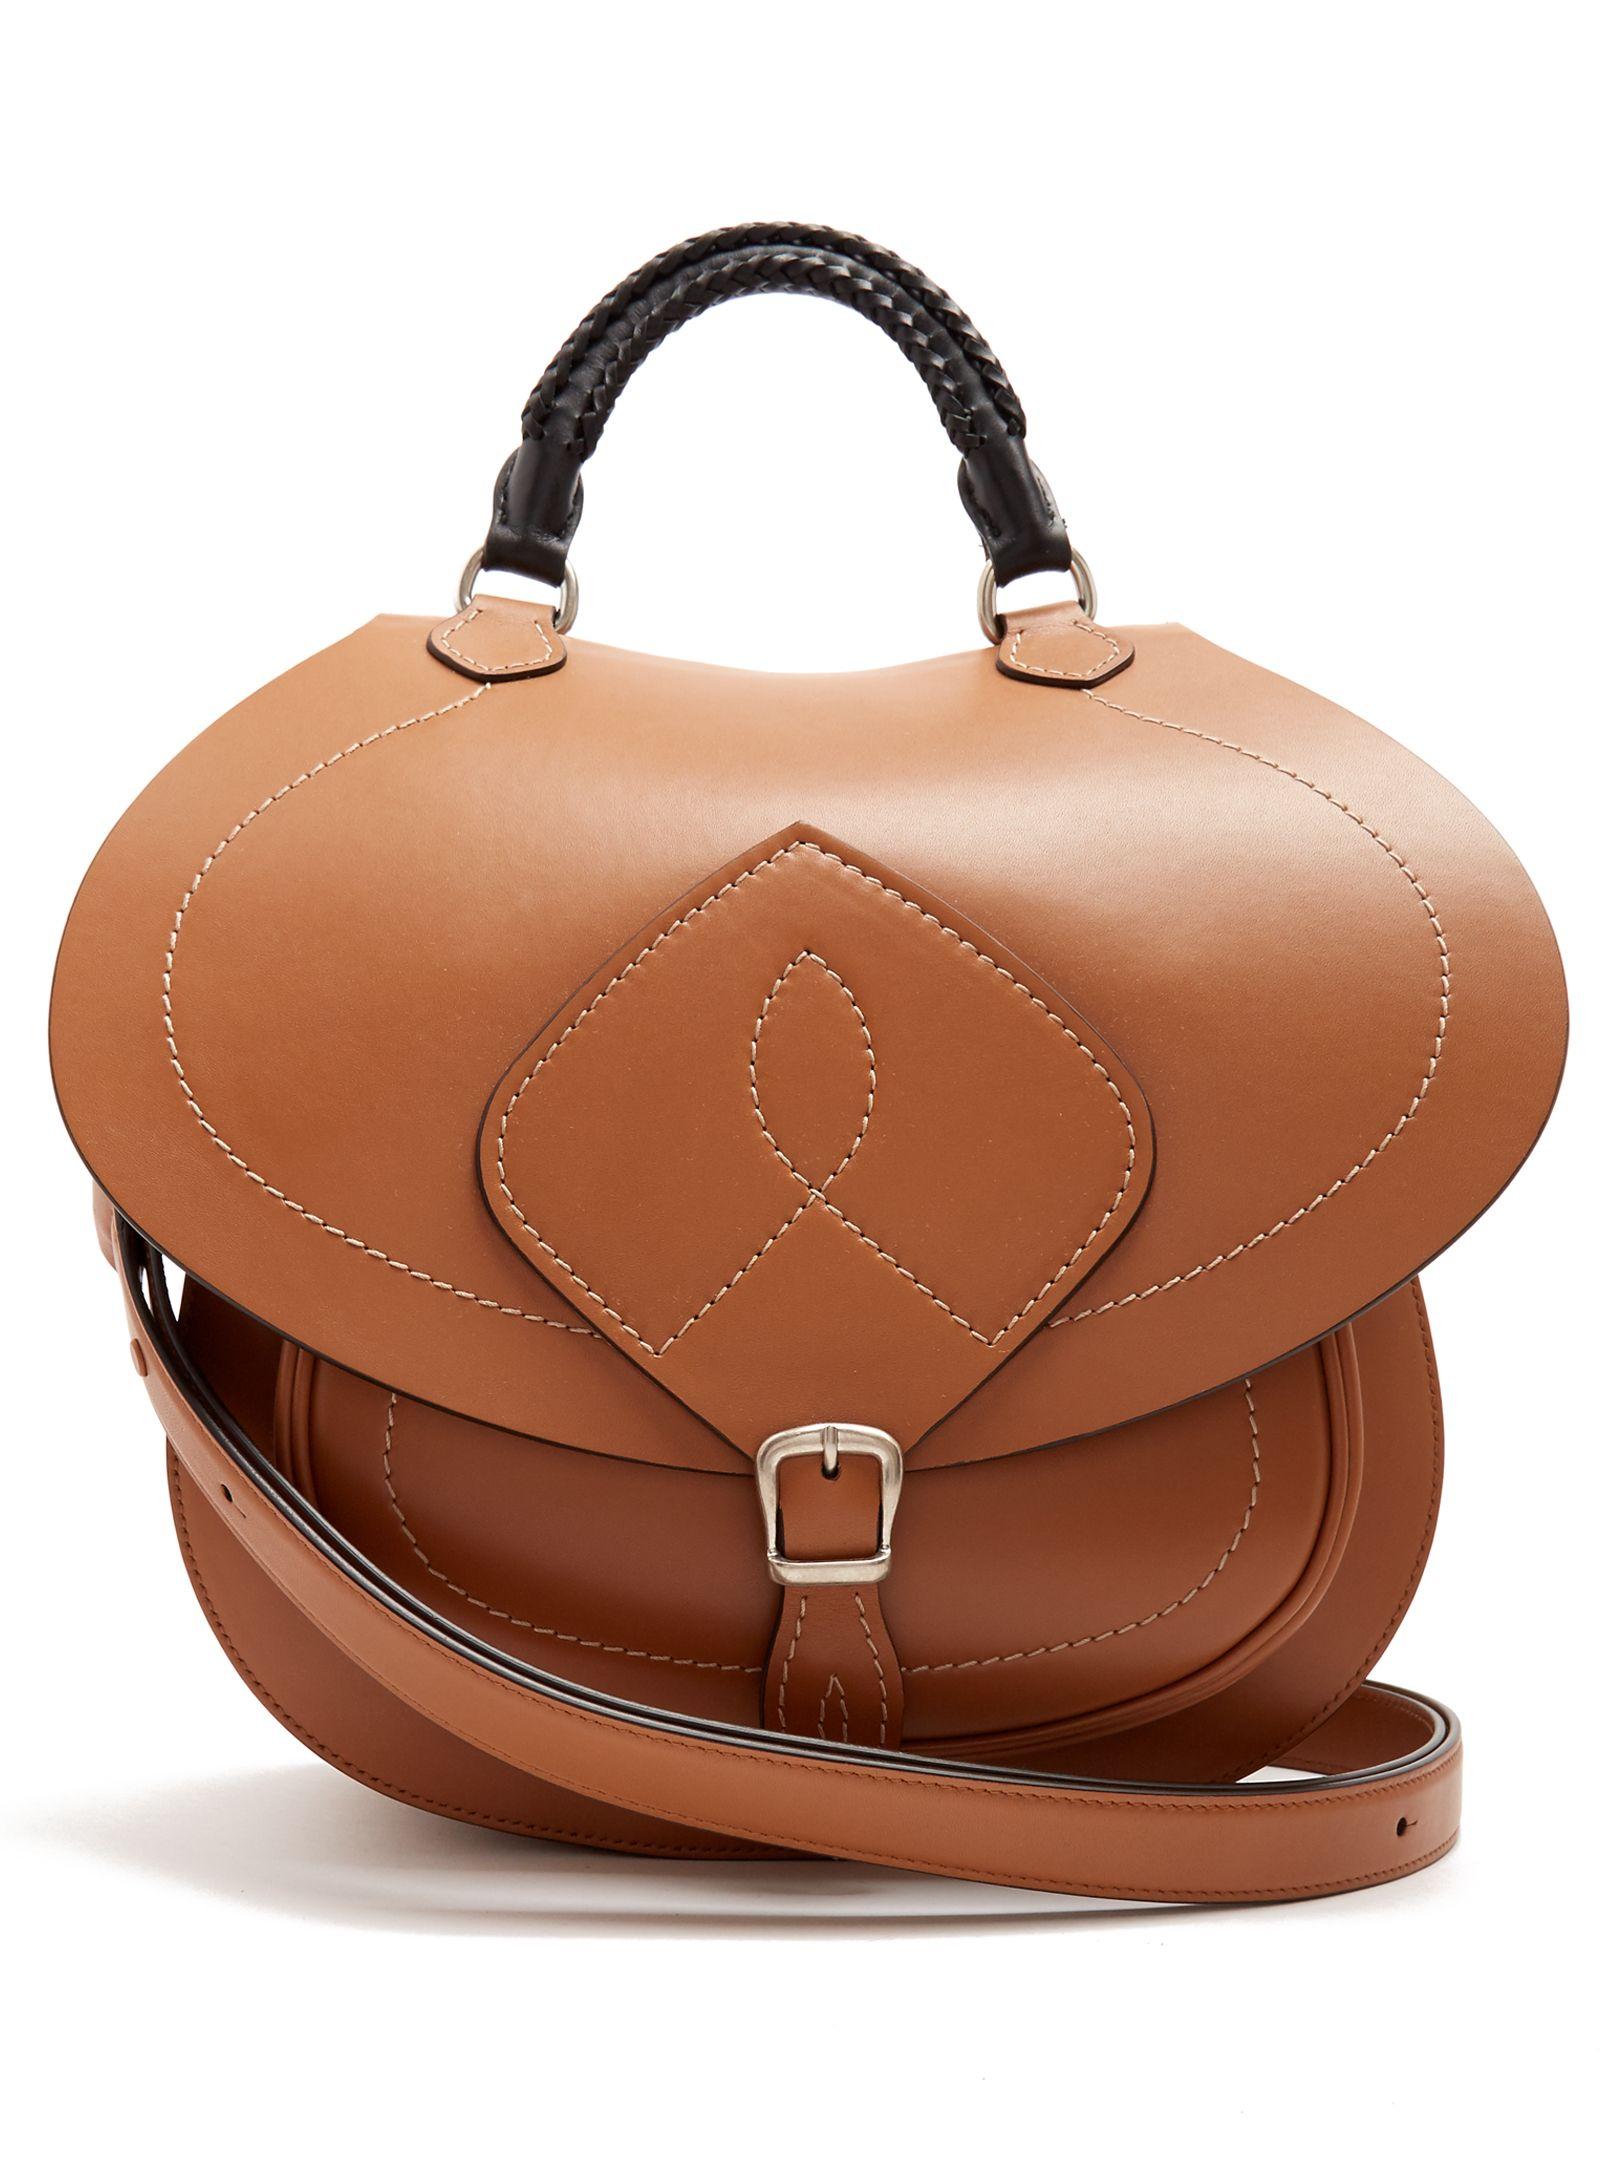 Saddle Leather Bag Maison Margiela Matchesfashion Com Uk